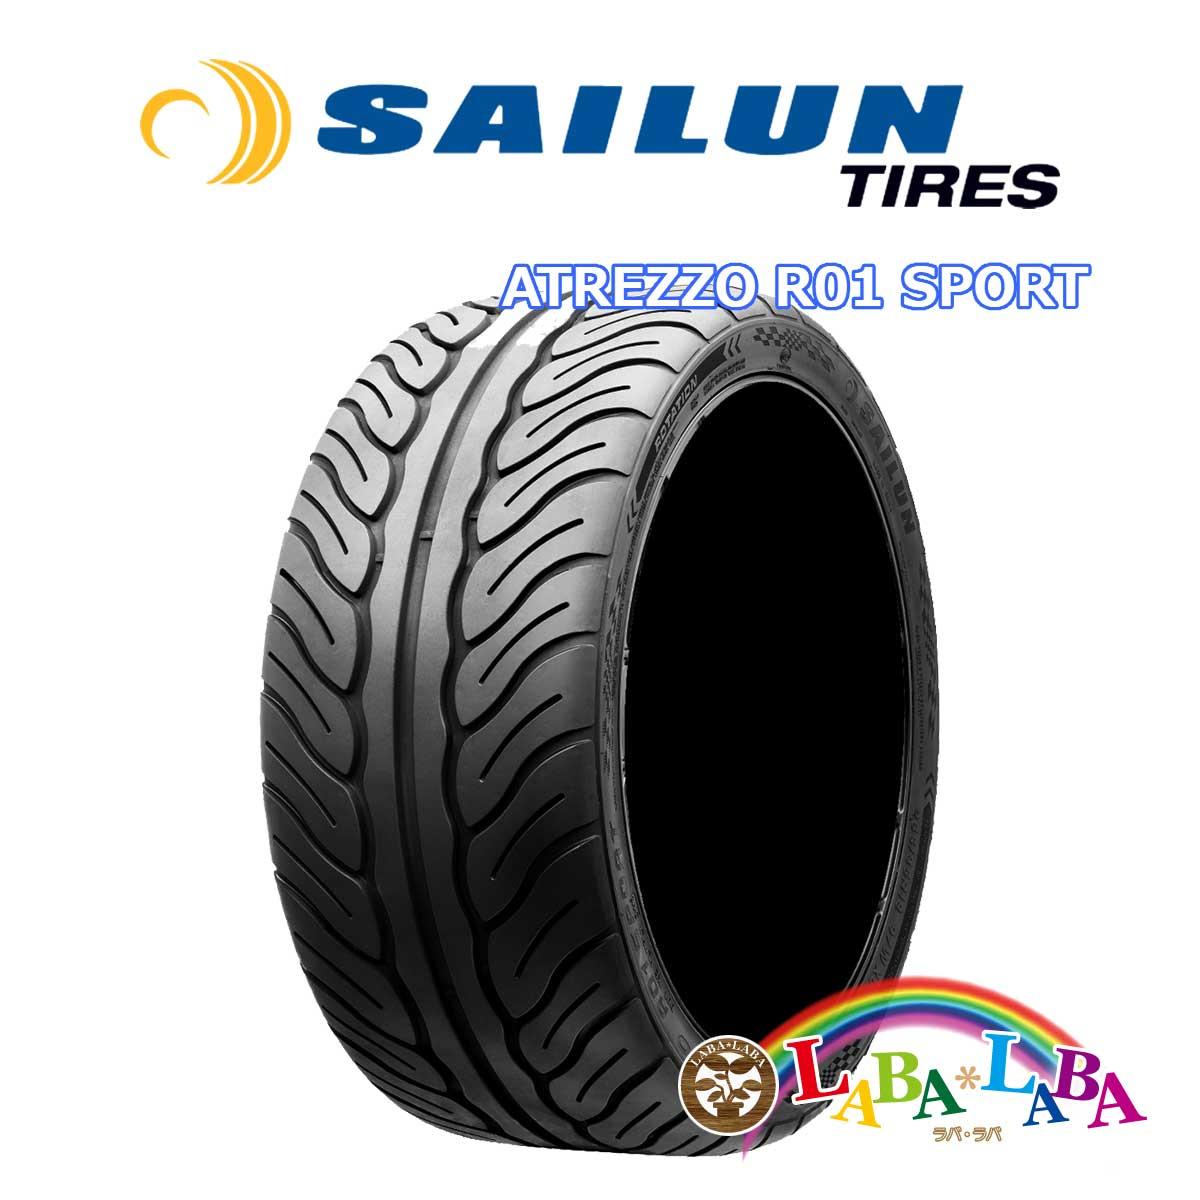 2本以上送料無料 輸入タイヤ サマータイヤ 新品 定番から日本未入荷 タイヤのみ 新着 SAILUN サイレン ATREZZO R01 255 50R18 SPORT アトレッツォ ドリフトも XL 106V